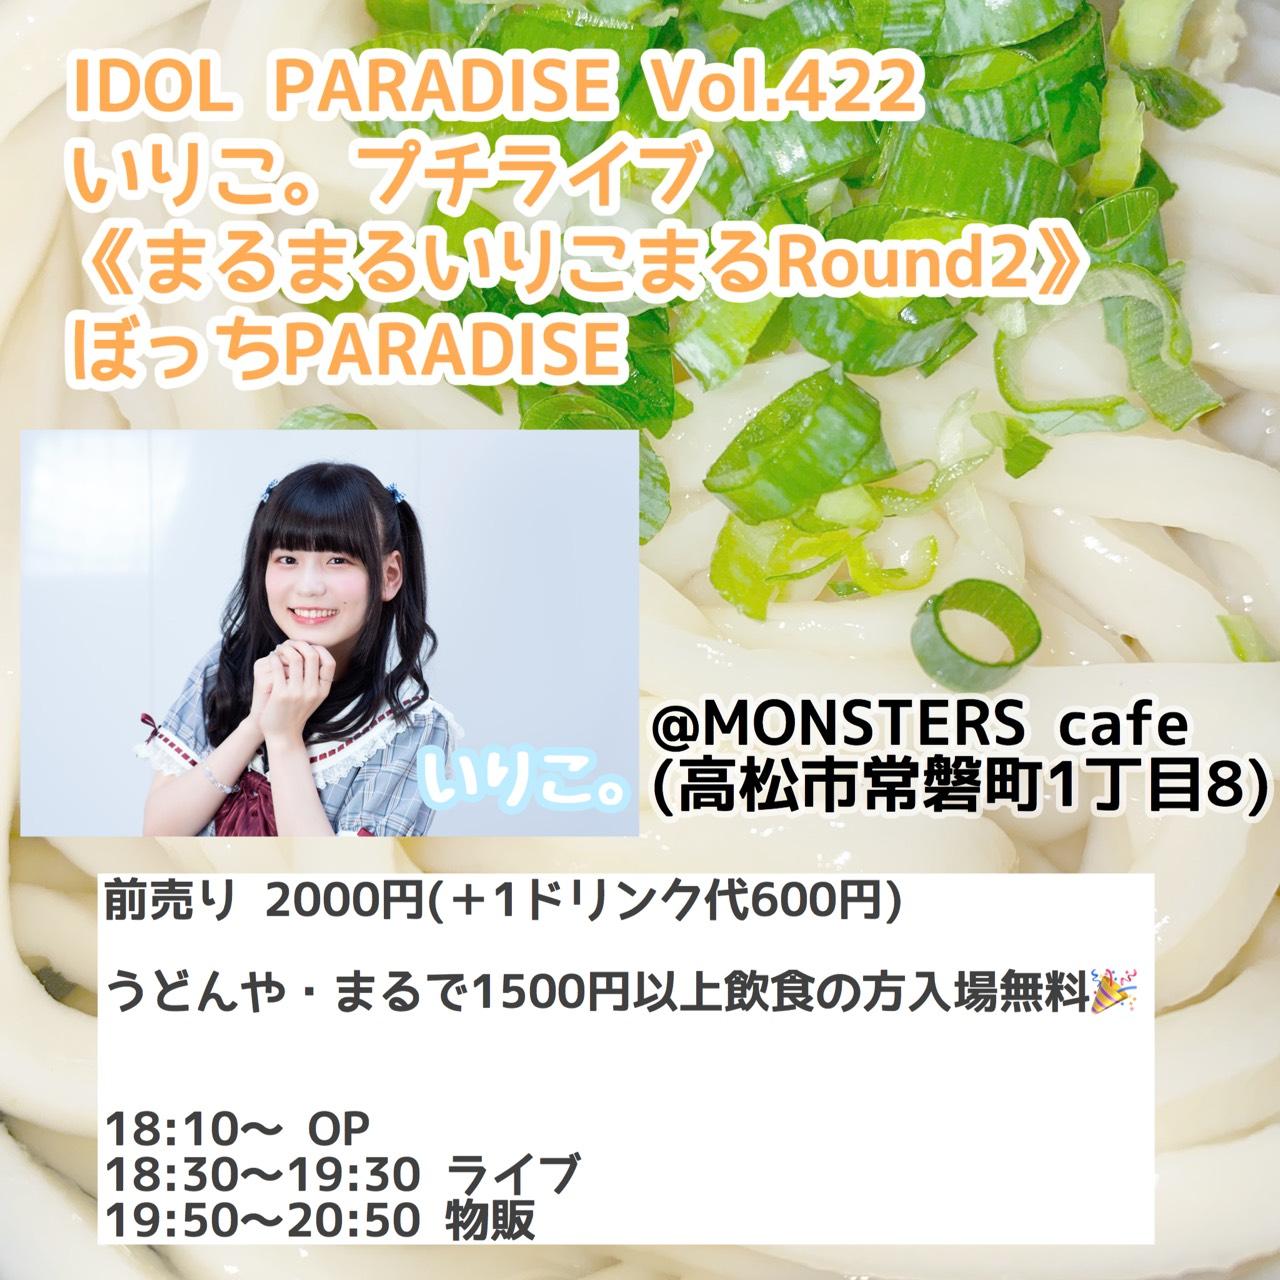 IDOL PARADISE Vol.422 いりこ。プチライブ《まるまるいりこまるRound2》ぼっちPARADISE